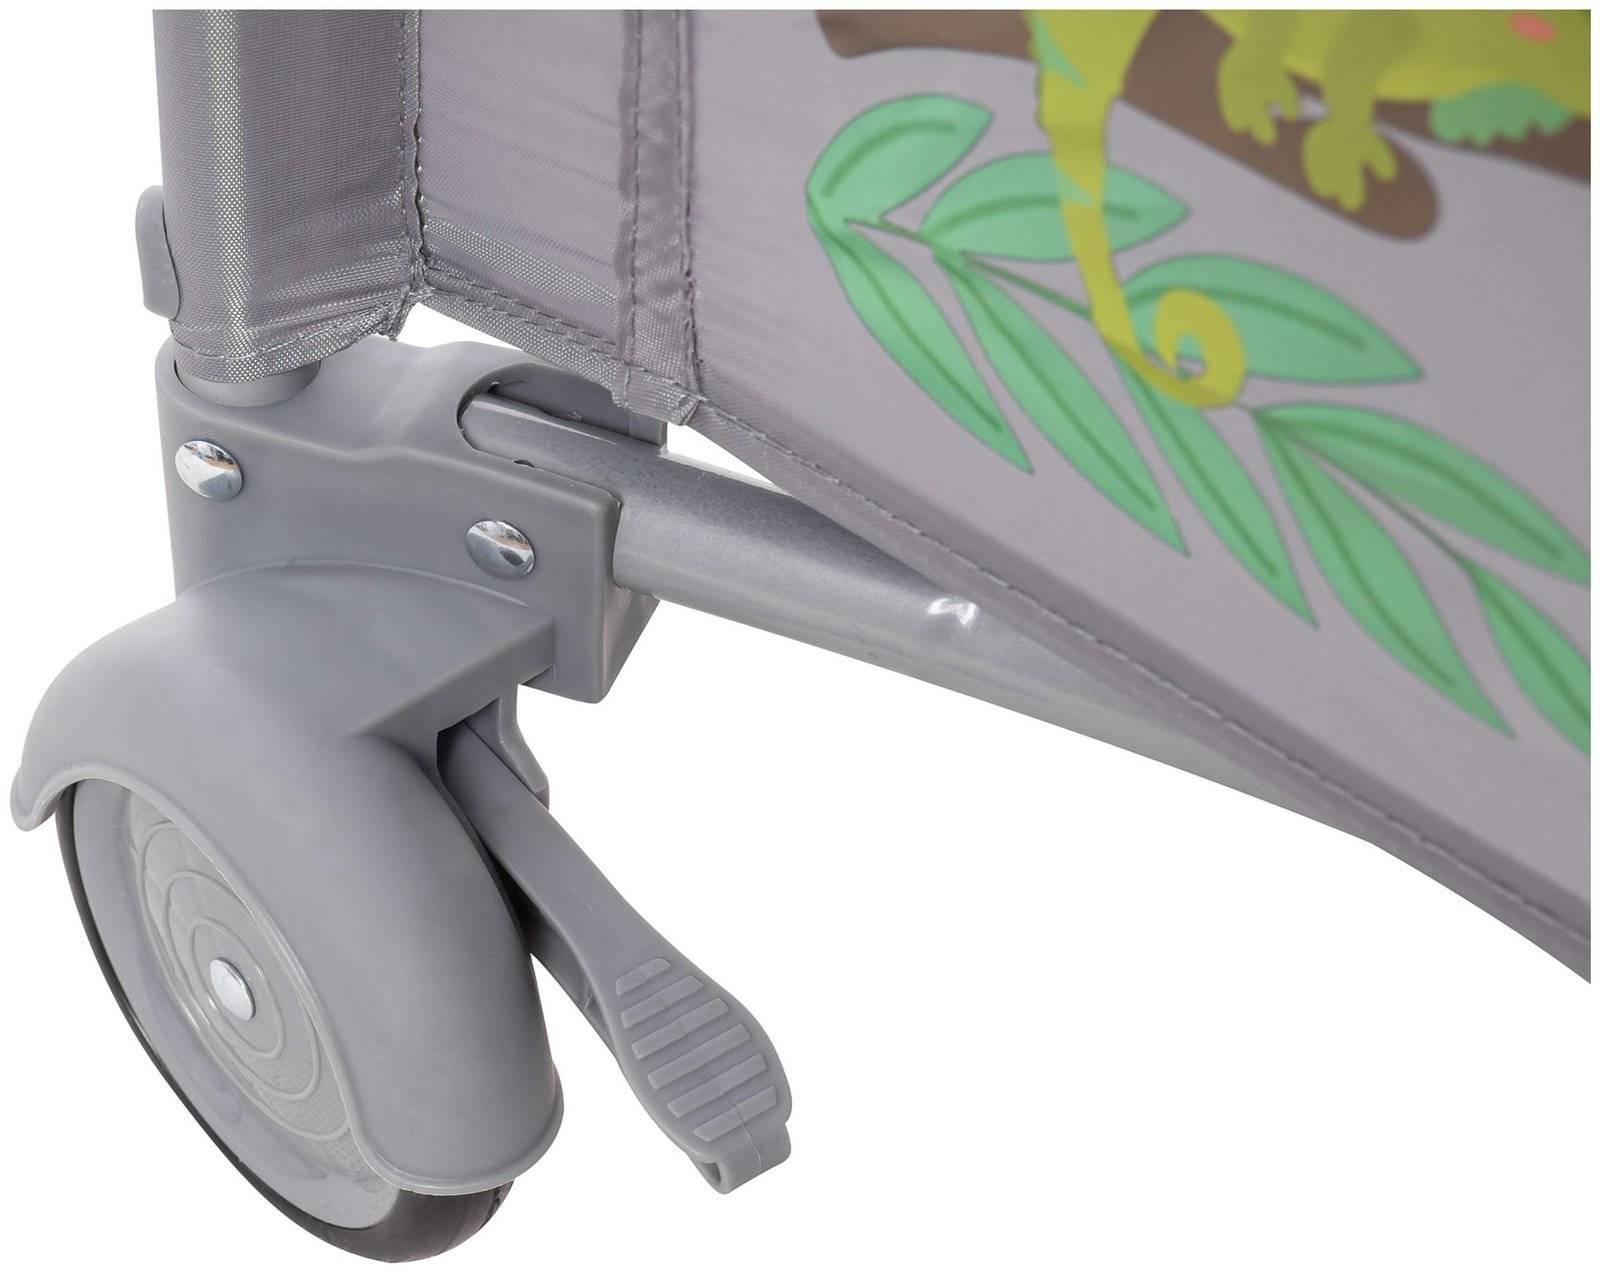 Łóżeczko turystyczne 0 - 36m z przewijakiem + Kojec Moby-System HUXLEY